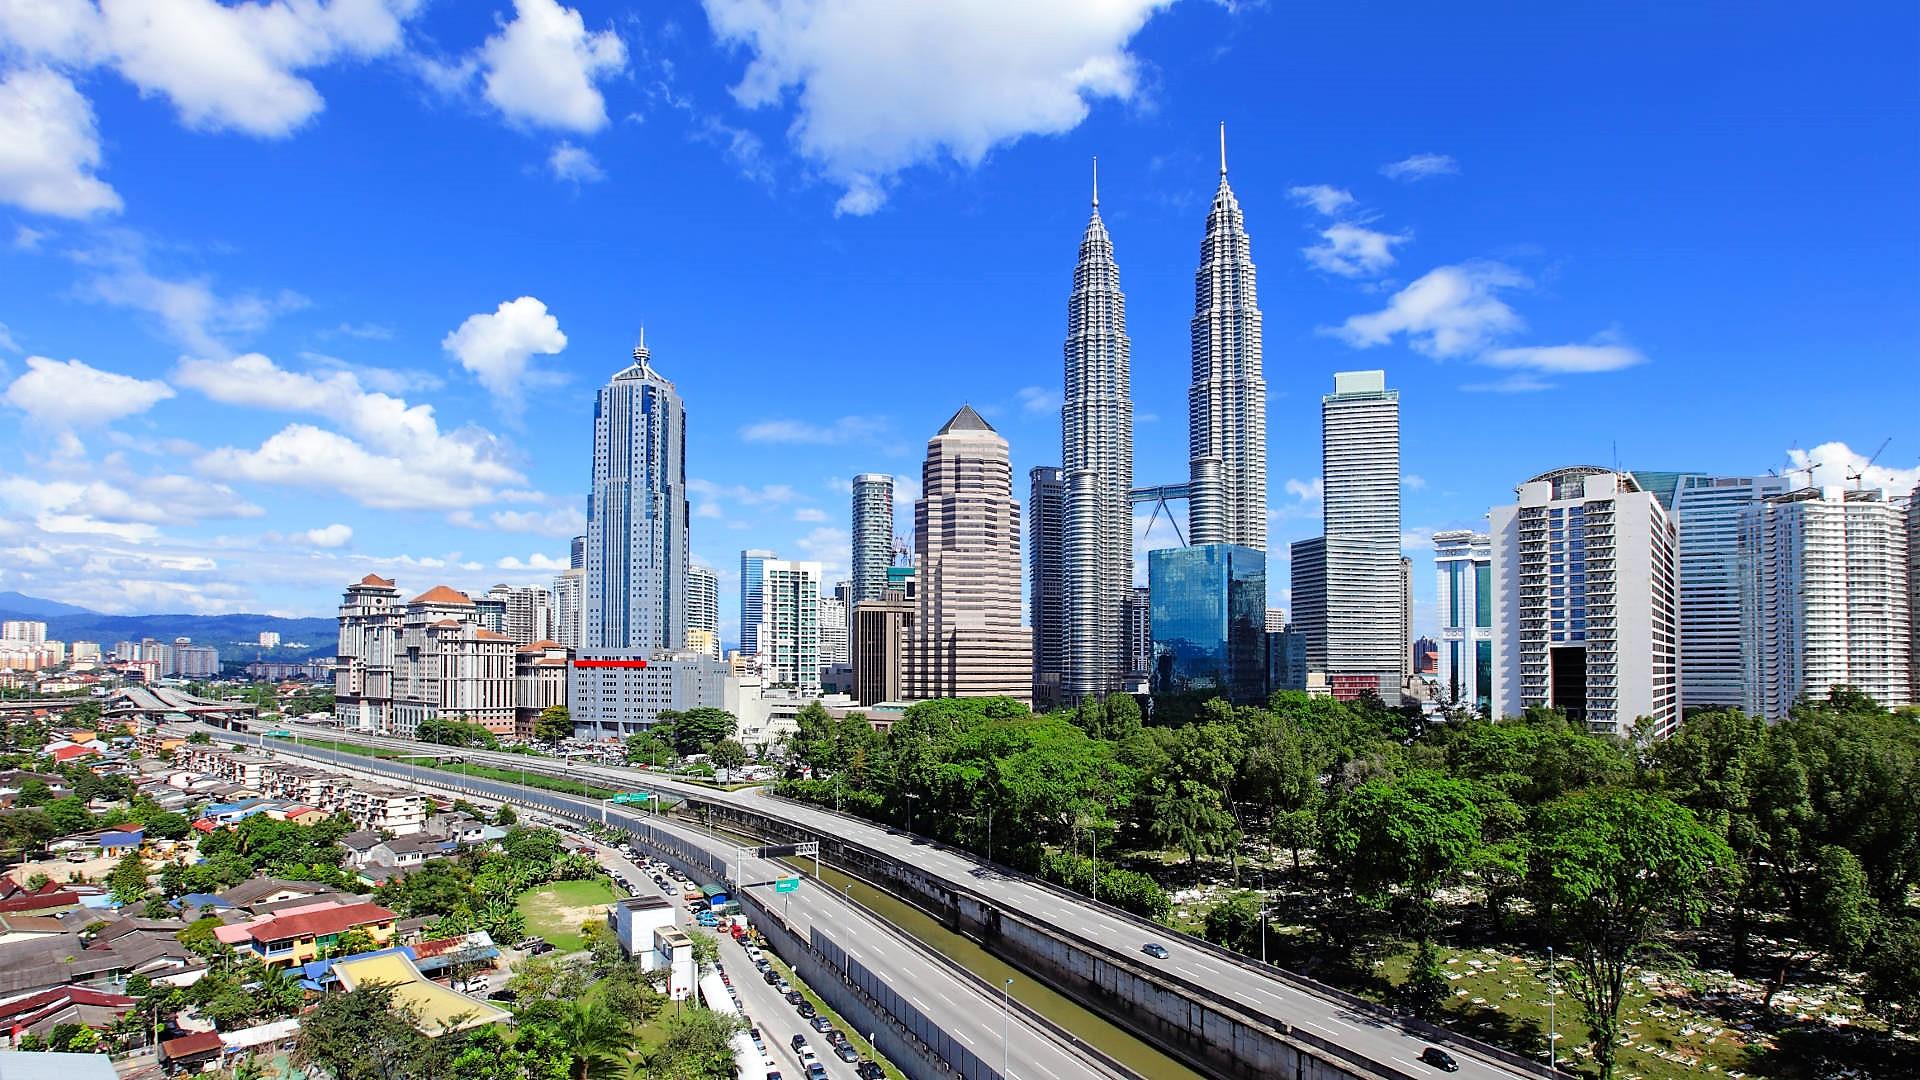 Kuala-Lumpur View